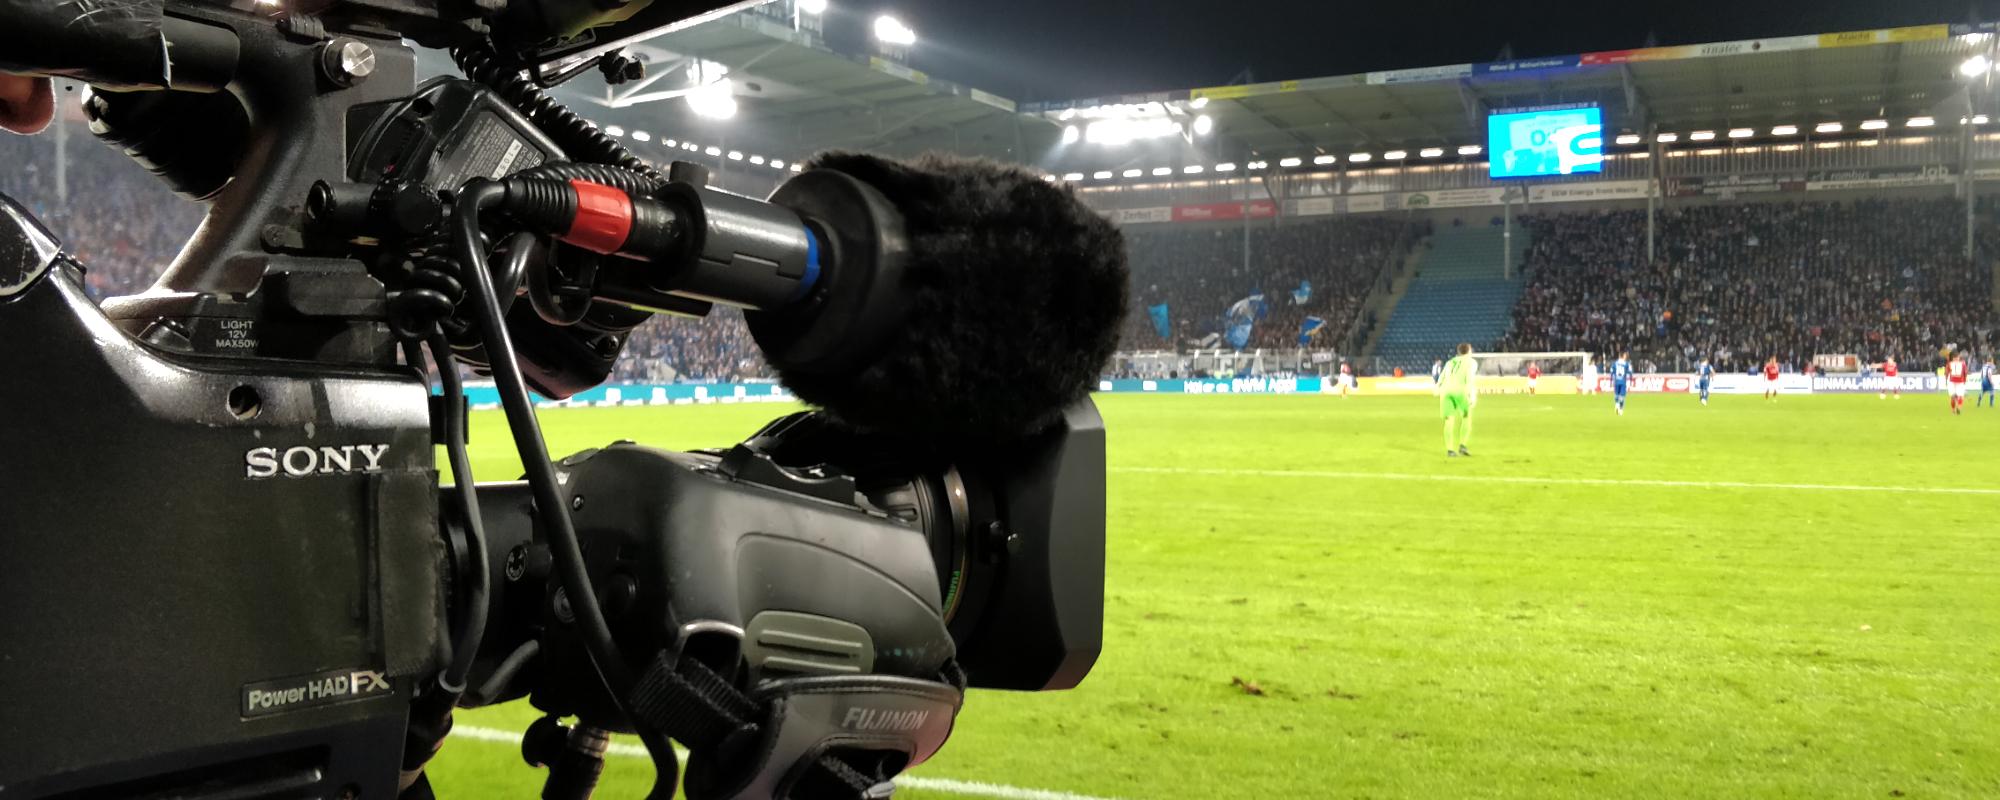 Kameramann TV-Produktion Sportveranstaltung Hannover